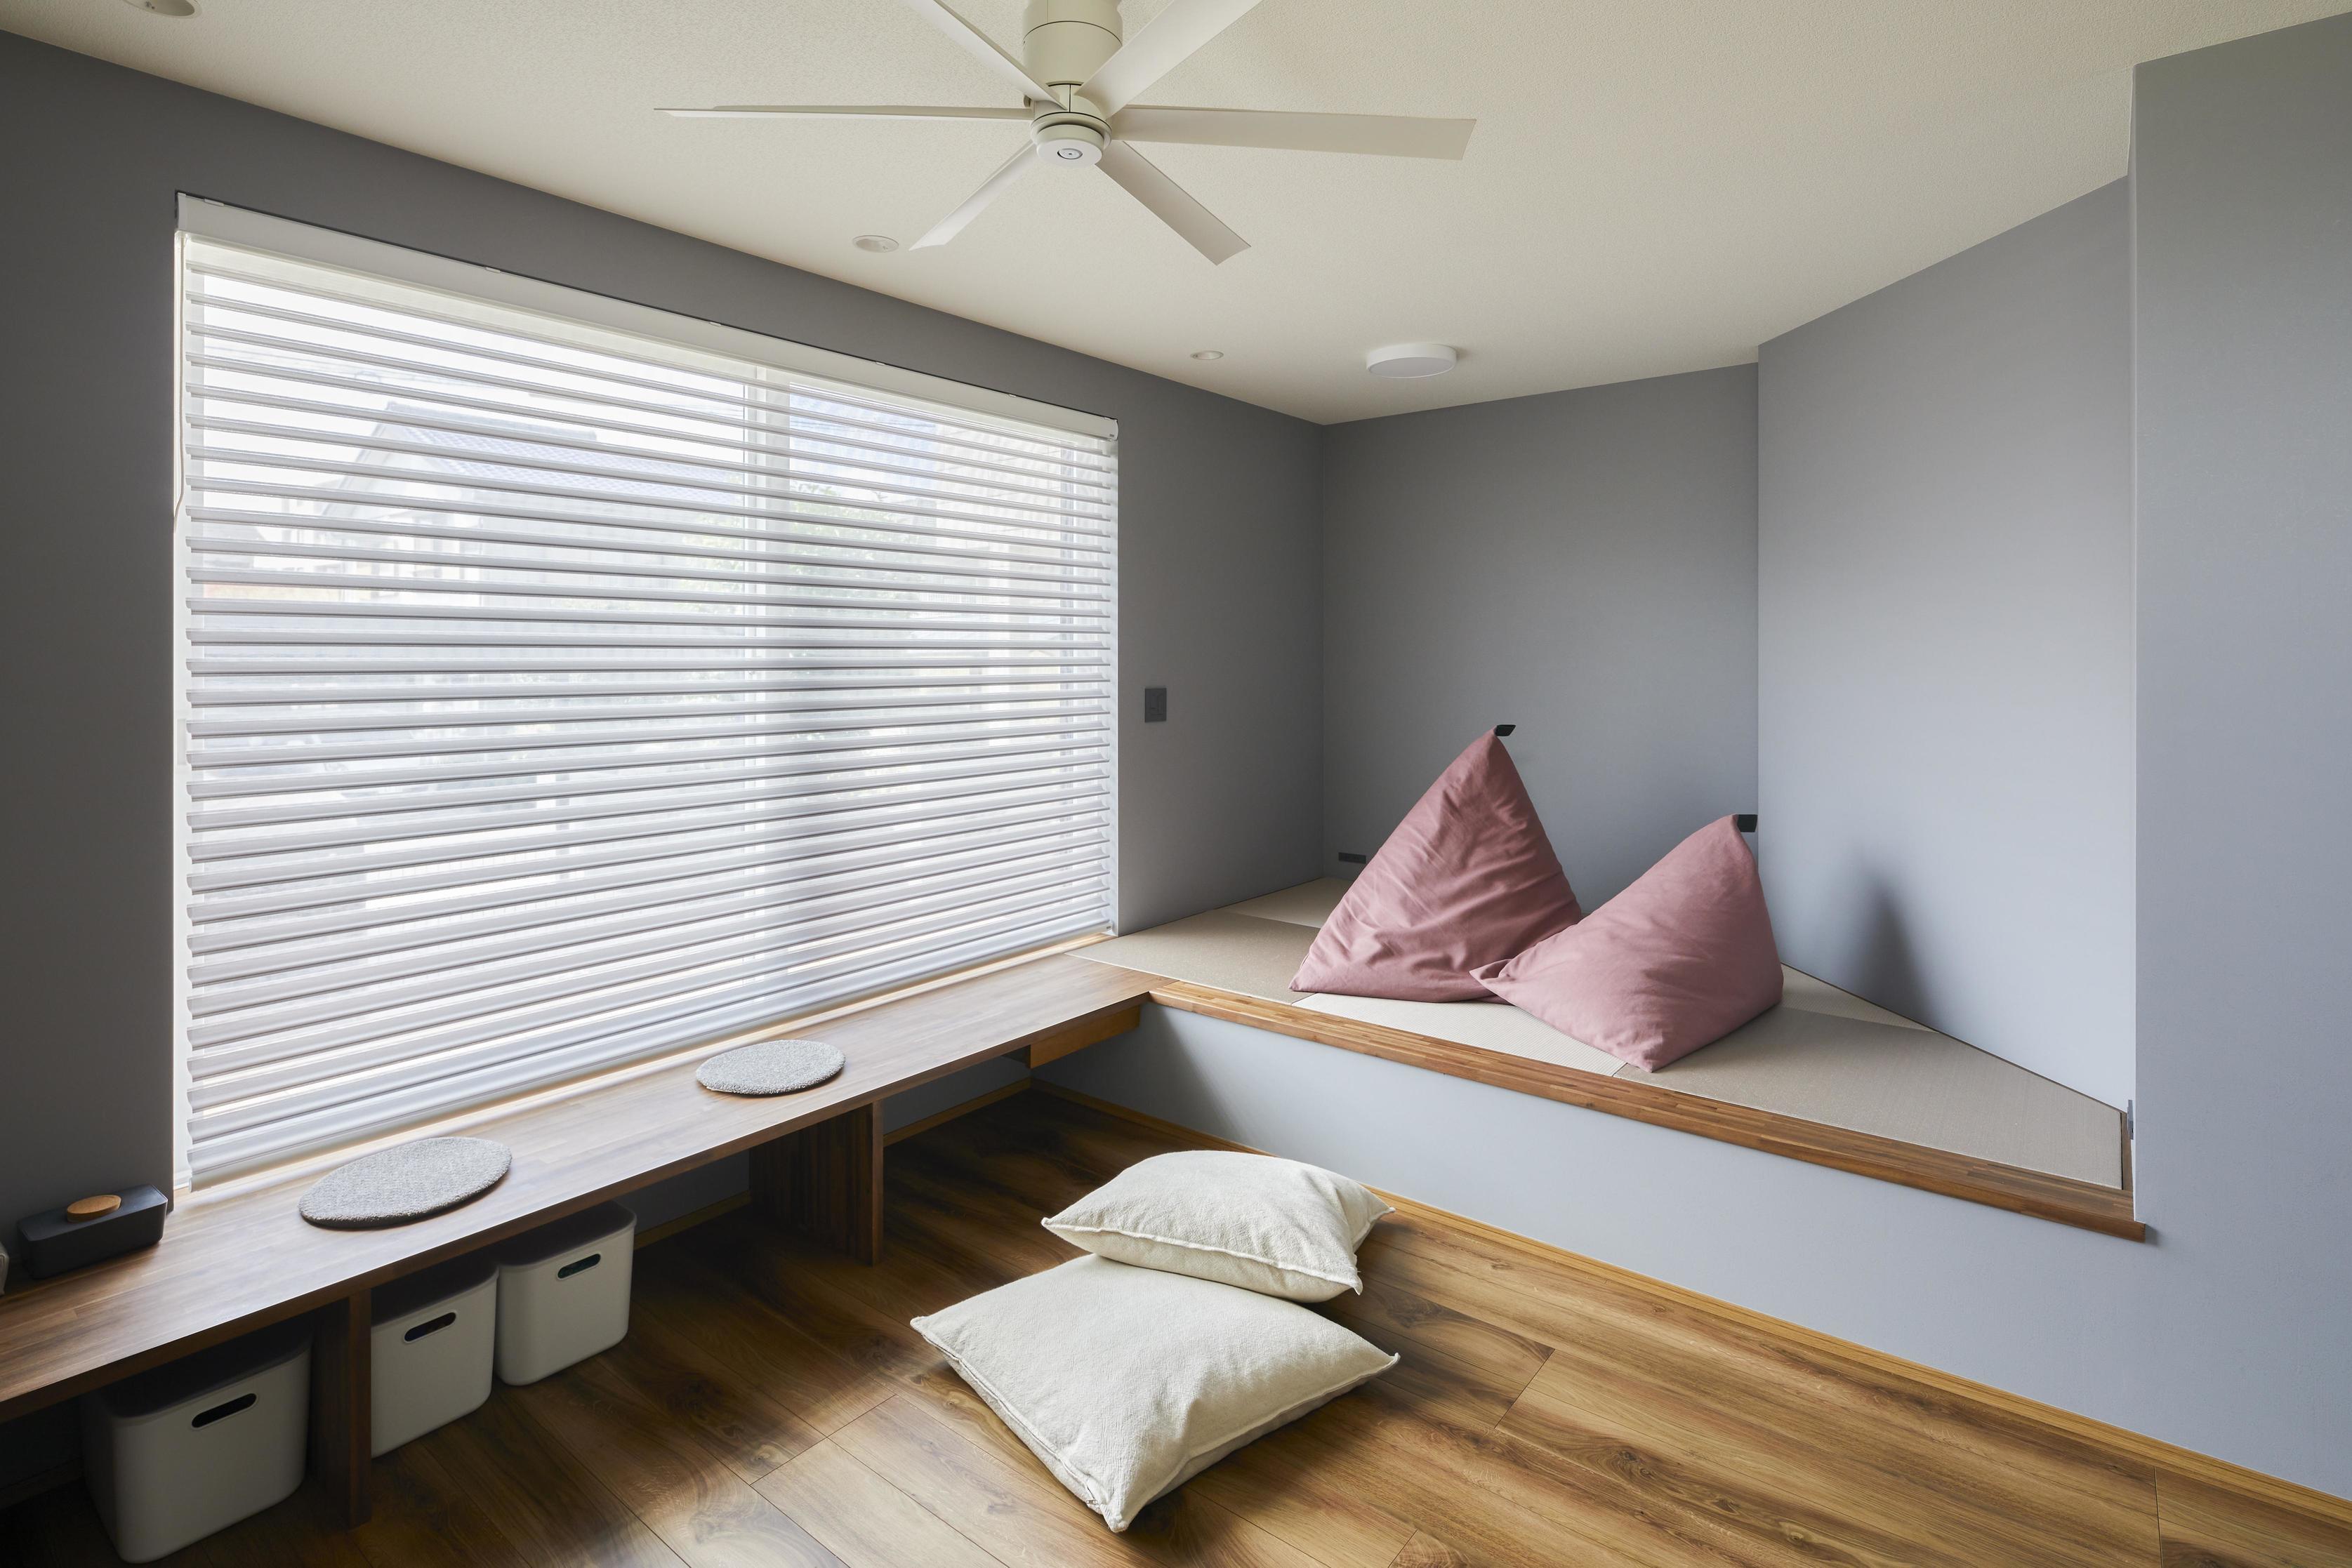 畳コーナーはちょっとした家事やお子様の遊び場としても活用できる